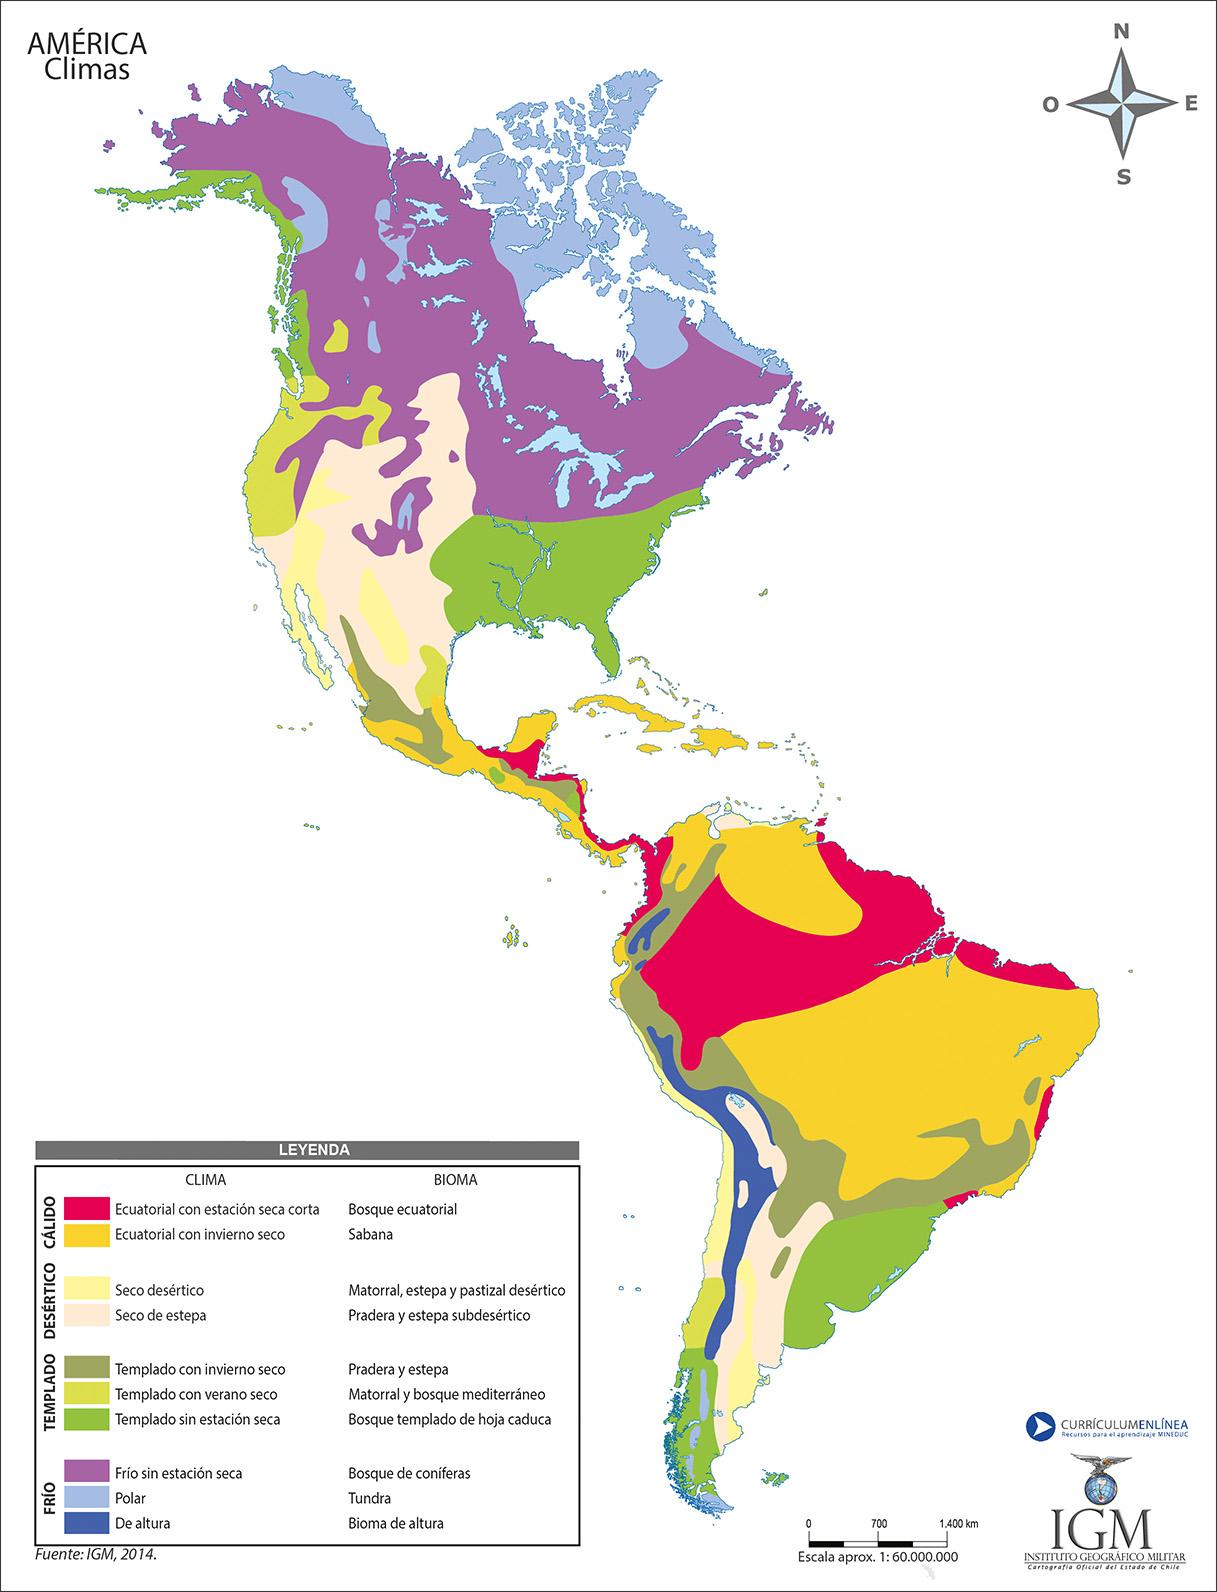 Mapa con los climas de Amrica a color  Currculum en lnea